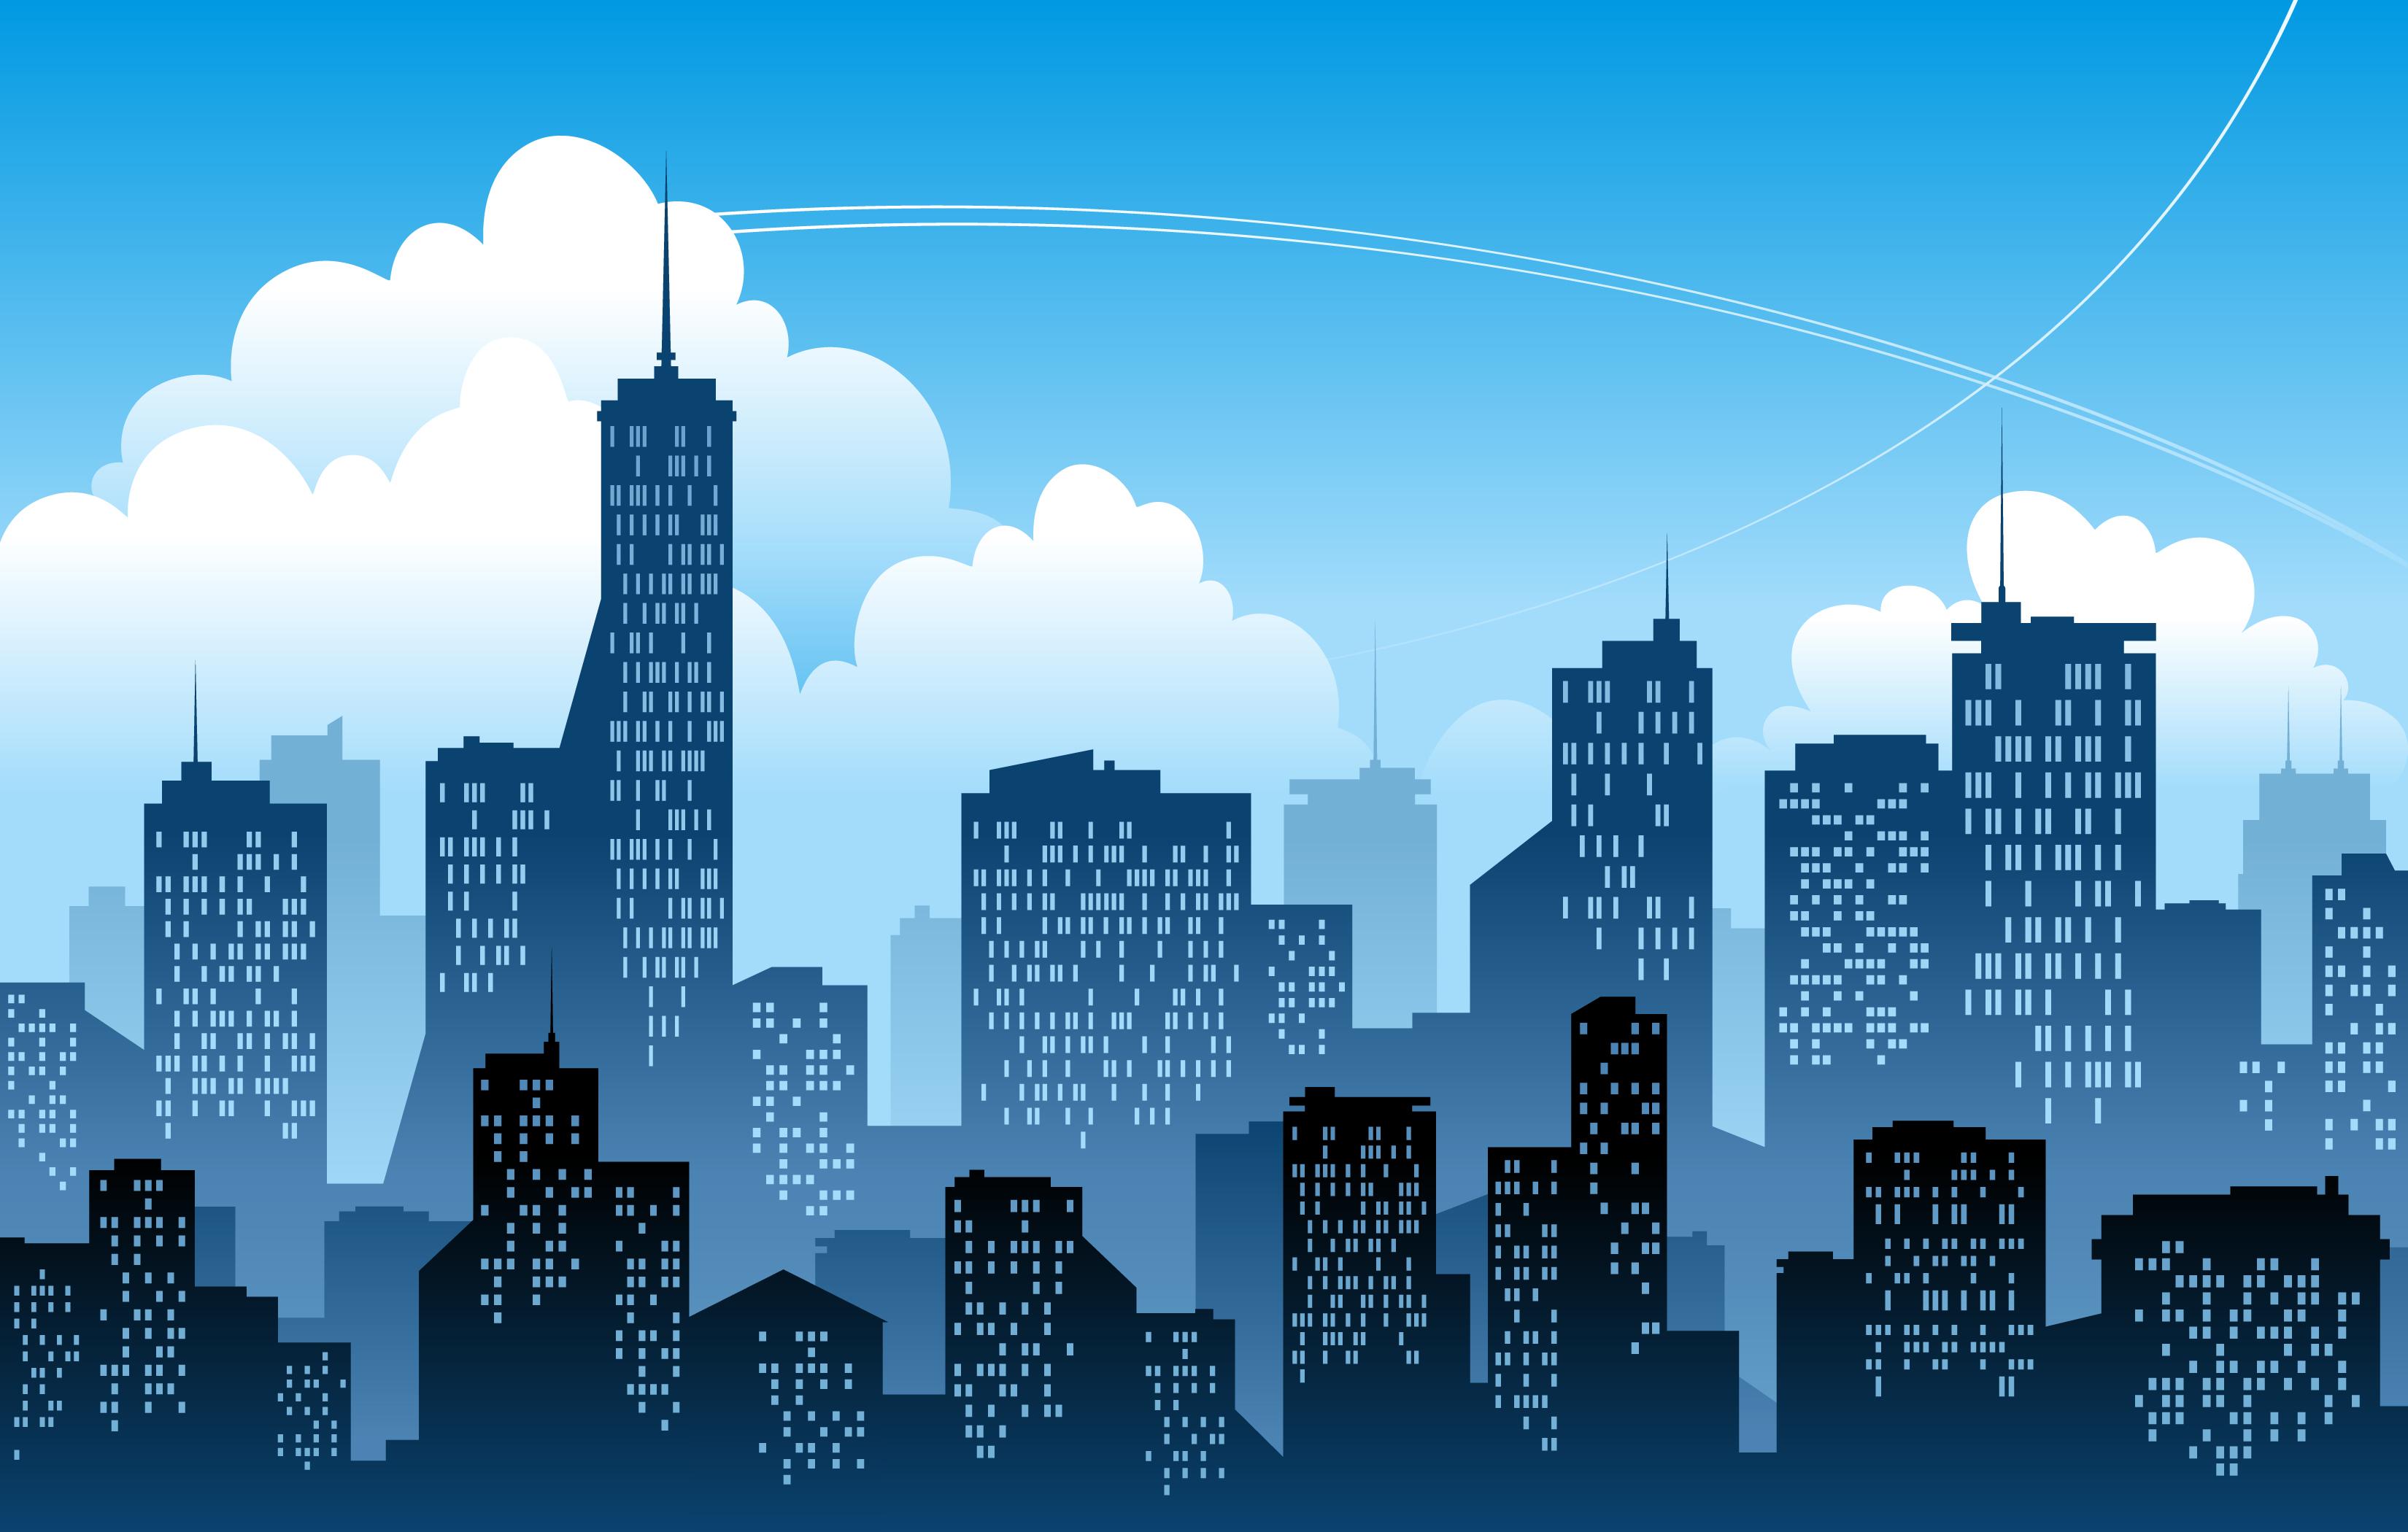 eps格式,矢量城市,天空,高楼大厦,剪影,插画,建筑物,矢量素材 下载